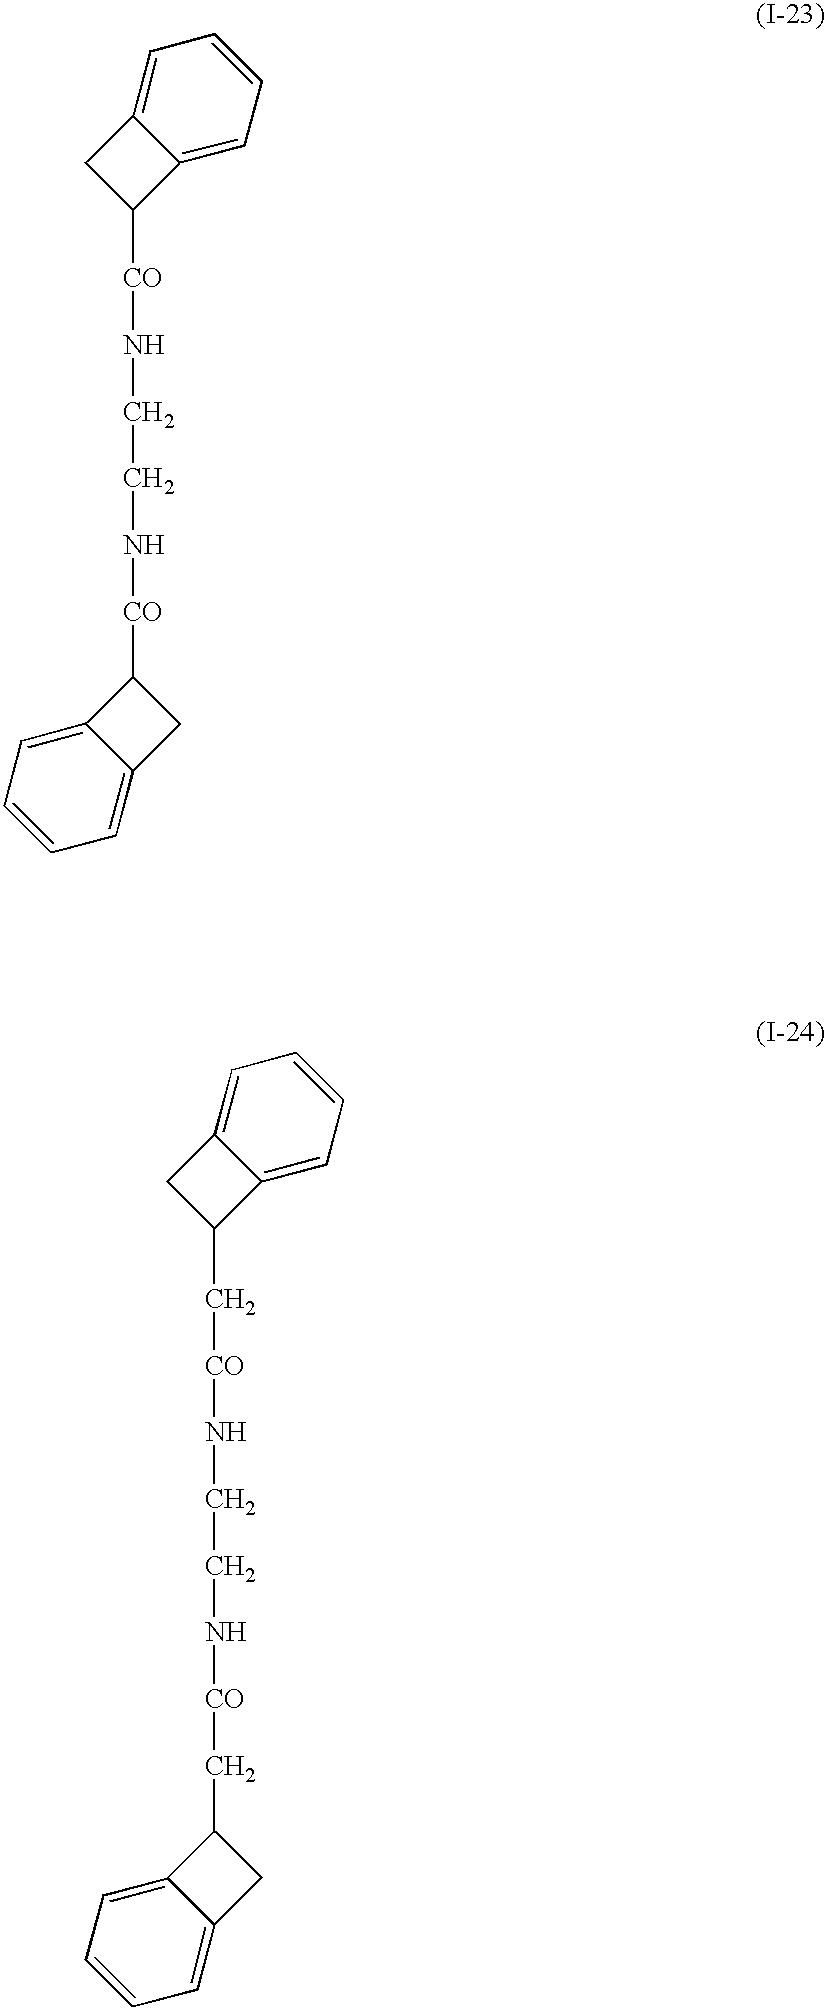 Figure US20030165778A1-20030904-C00017